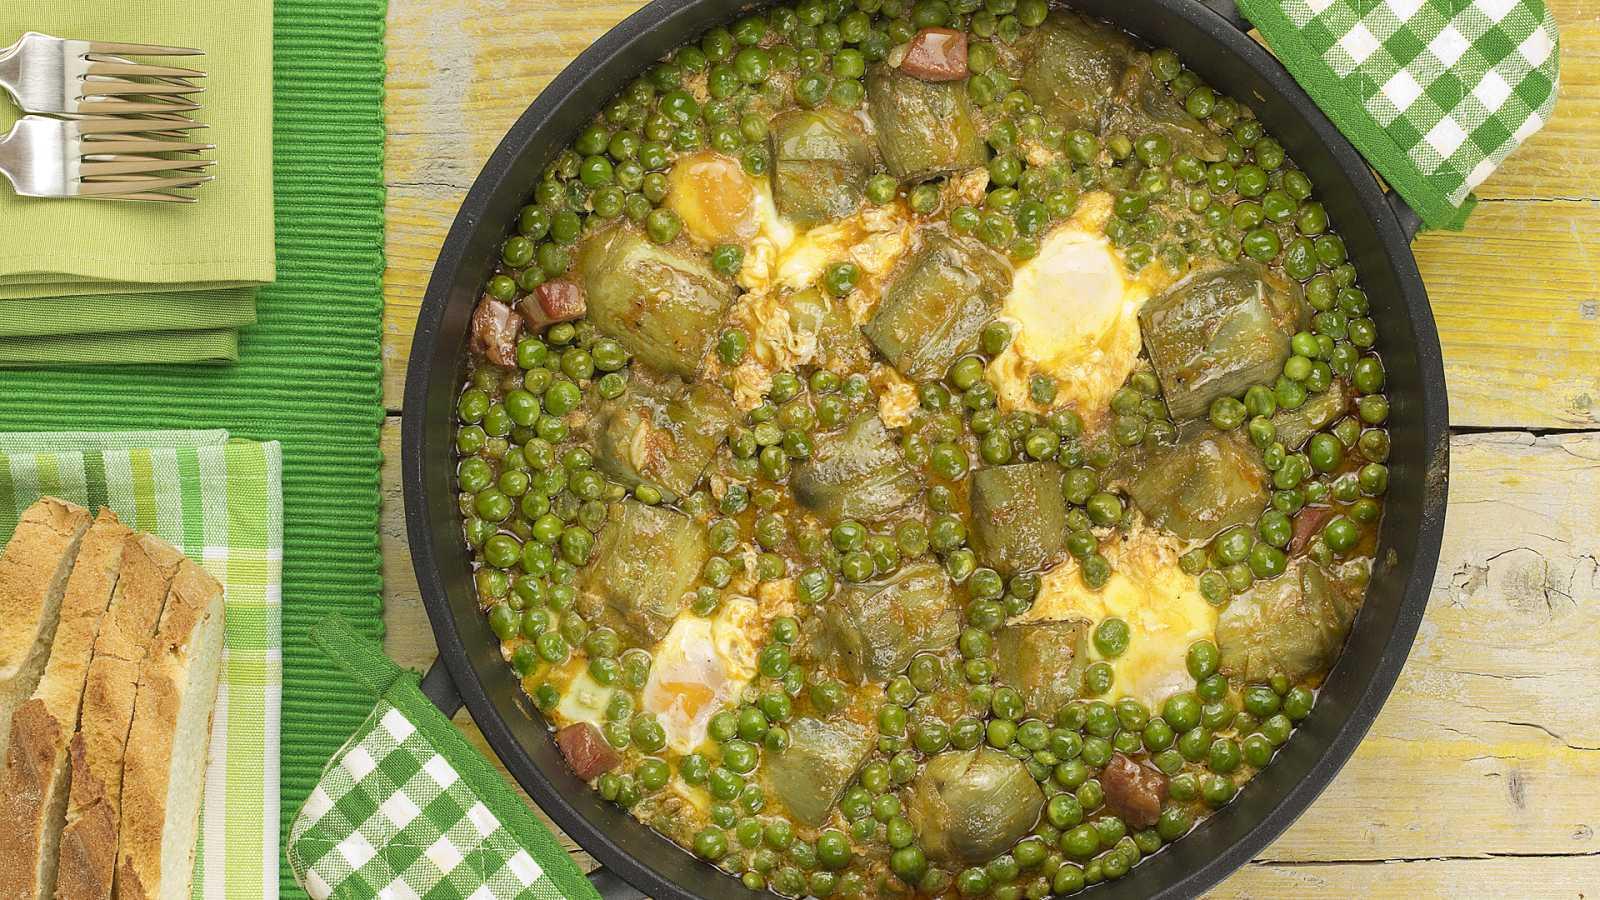 Comer y cantar - Cazuela de guisantes y alcachofas con huevo - 19/02/21